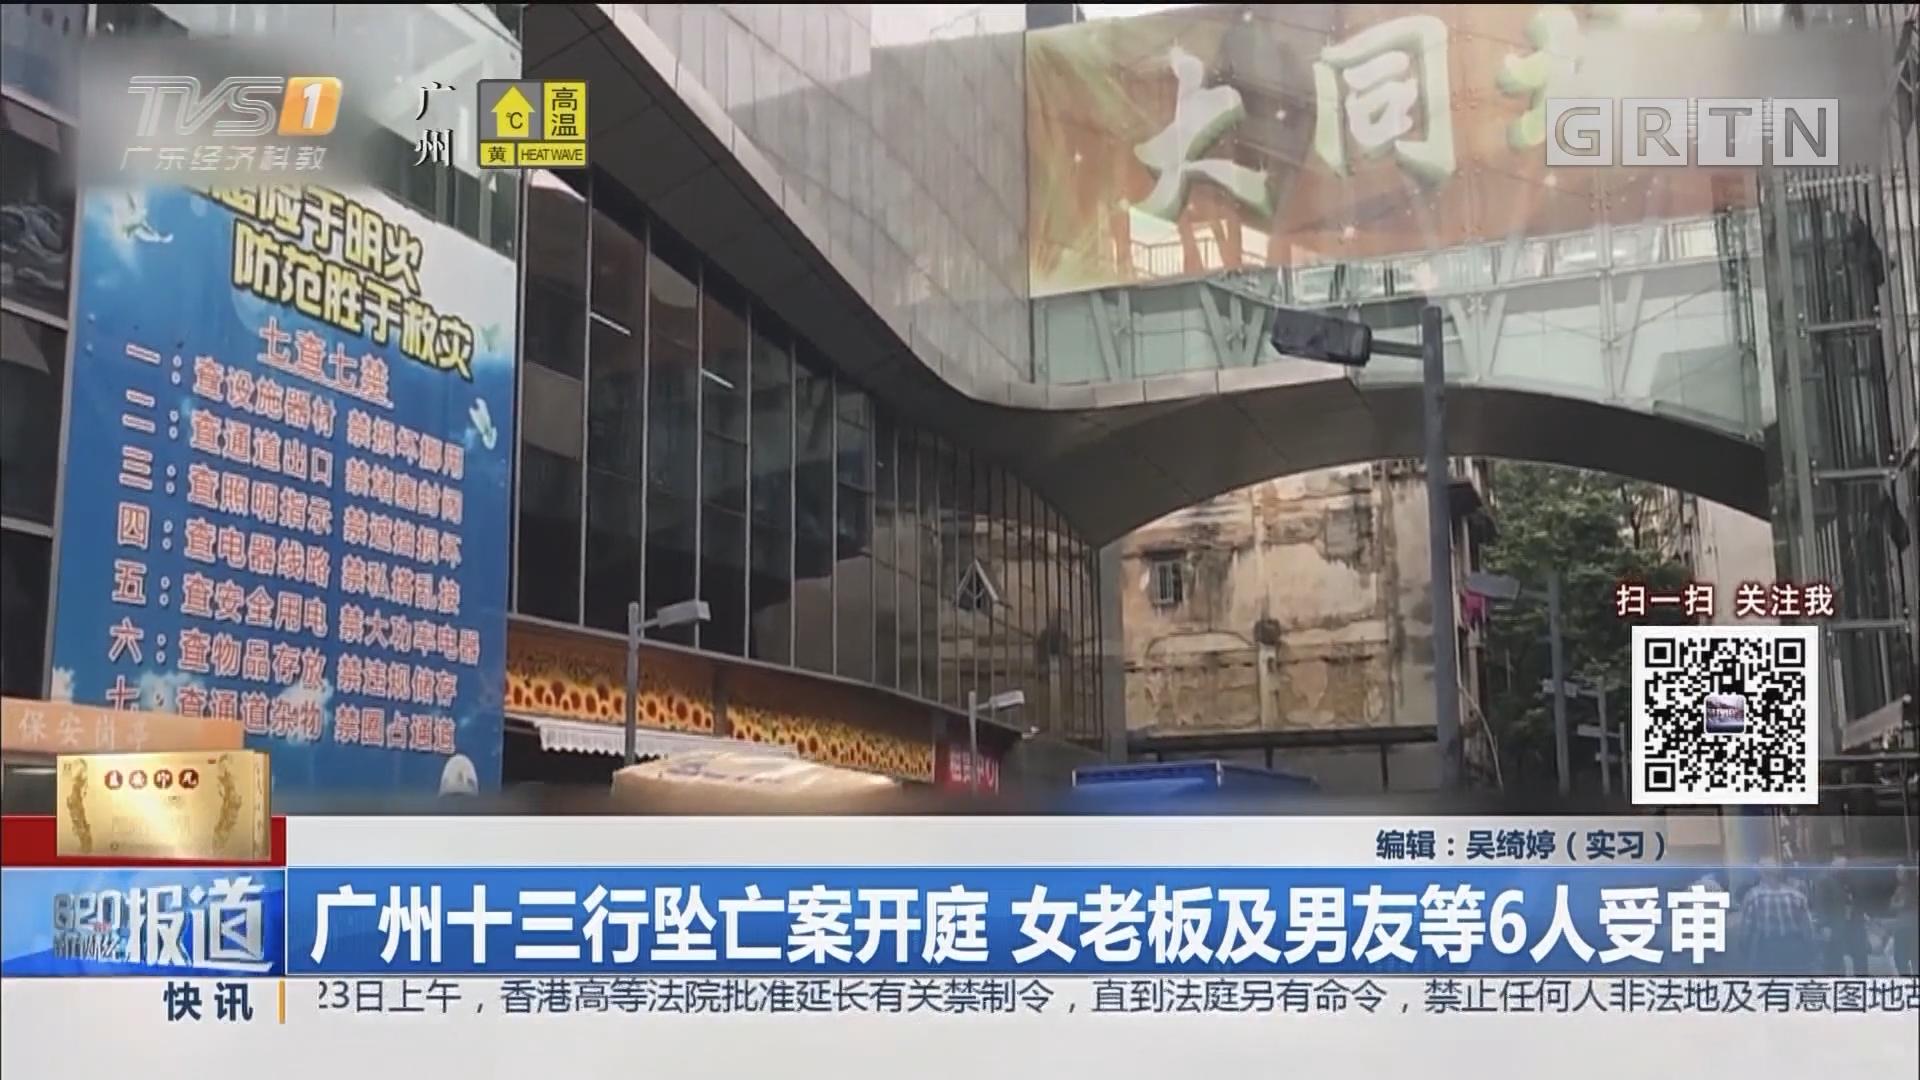 广州十三行坠亡案开庭 女老板及男友等6人受审